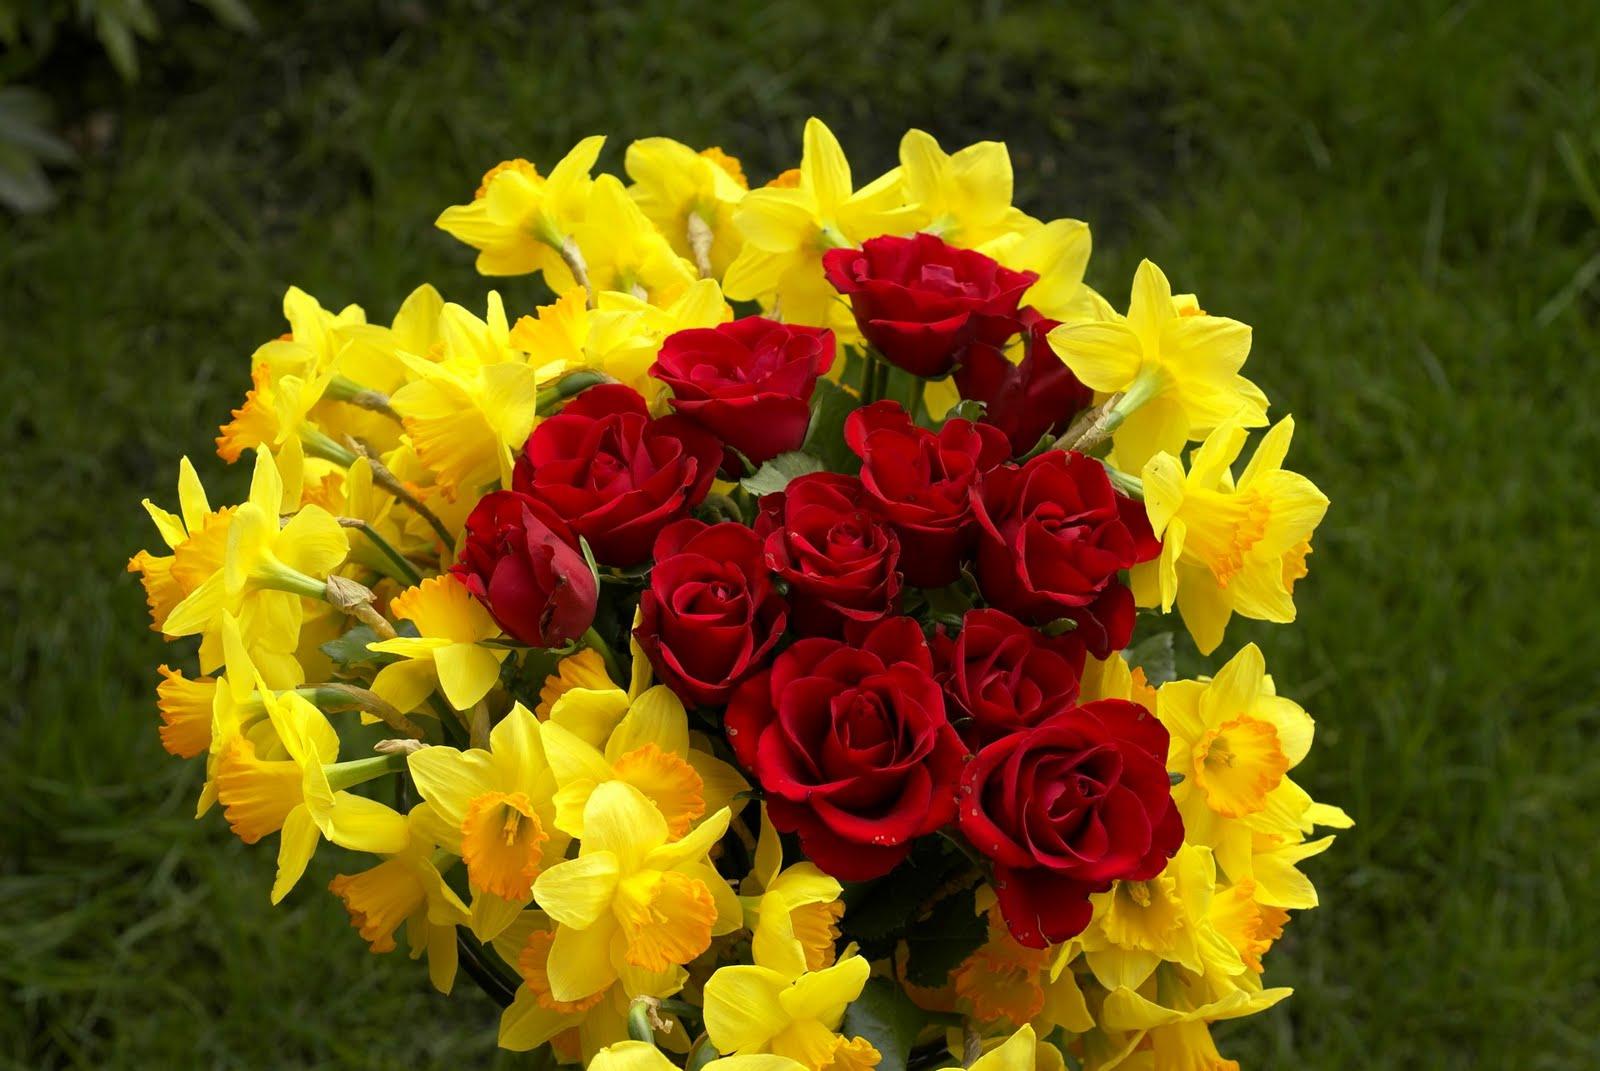 احلى صور الورد